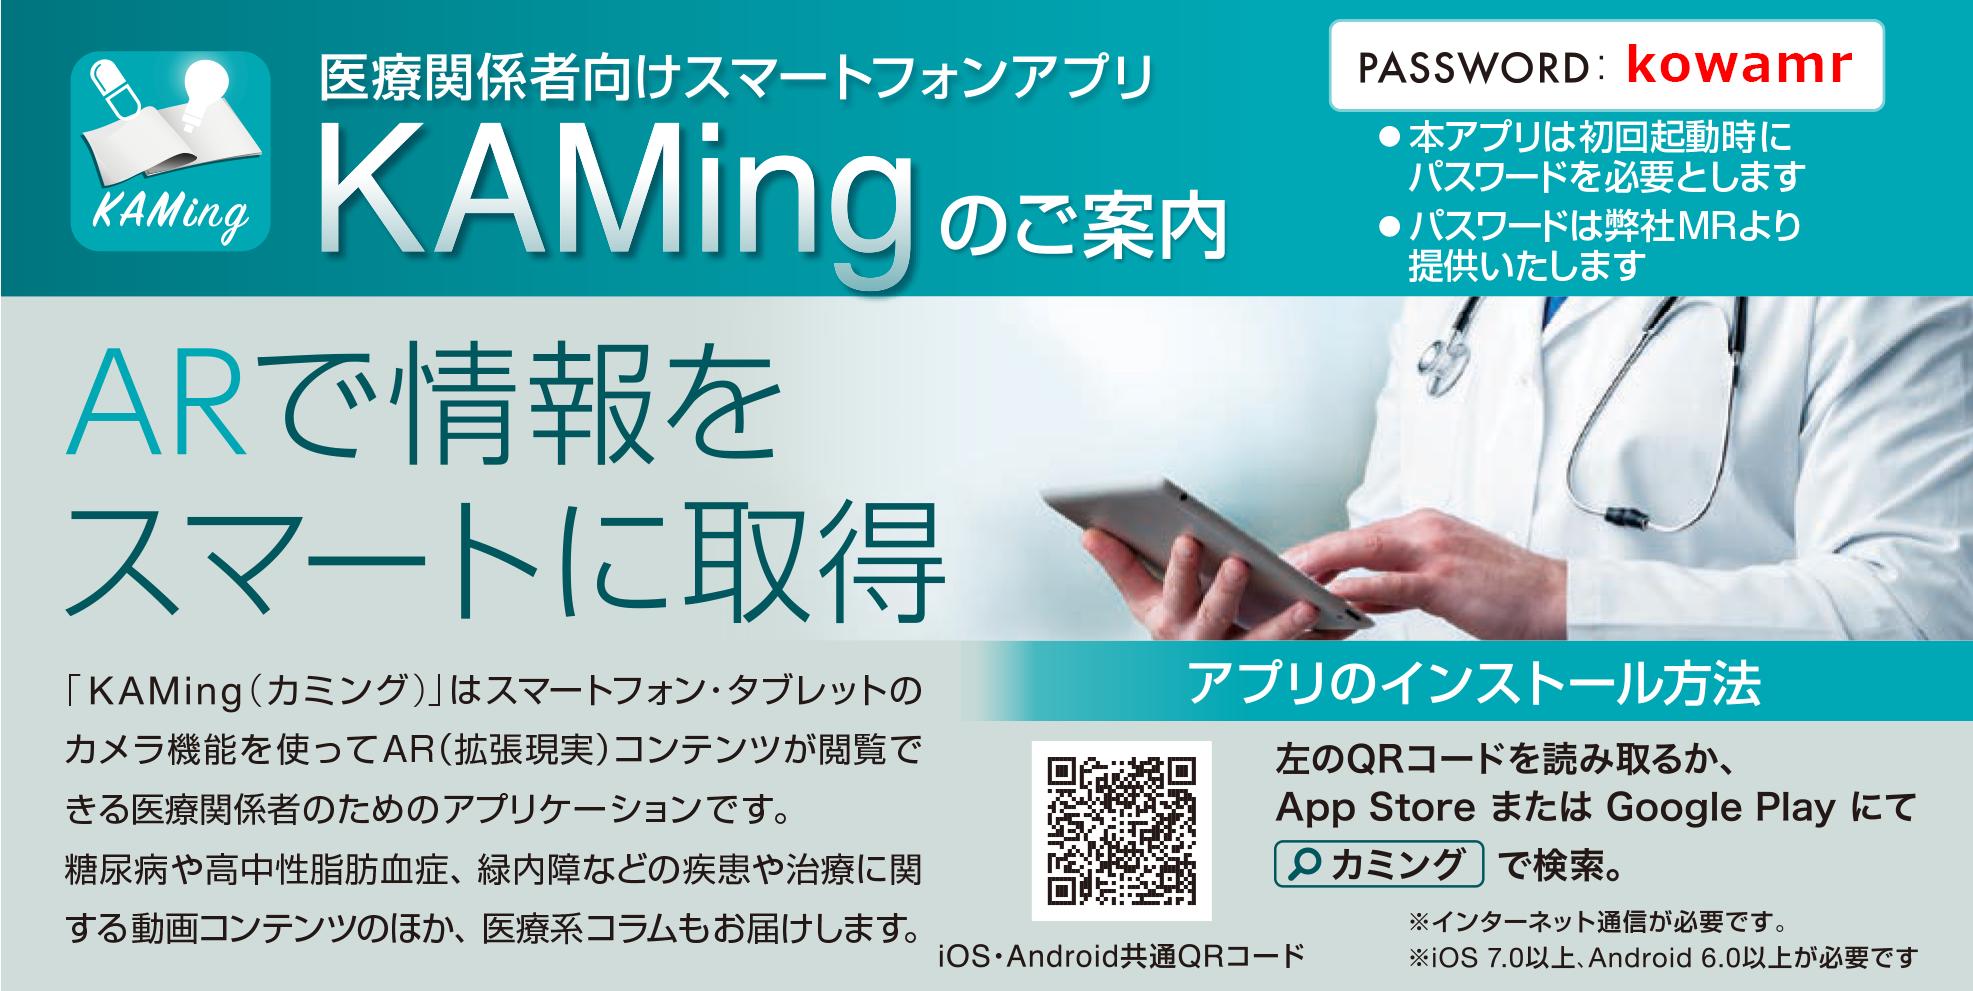 医療関係者向けスマートフォンアプリ KAMing(カミング)のご紹介